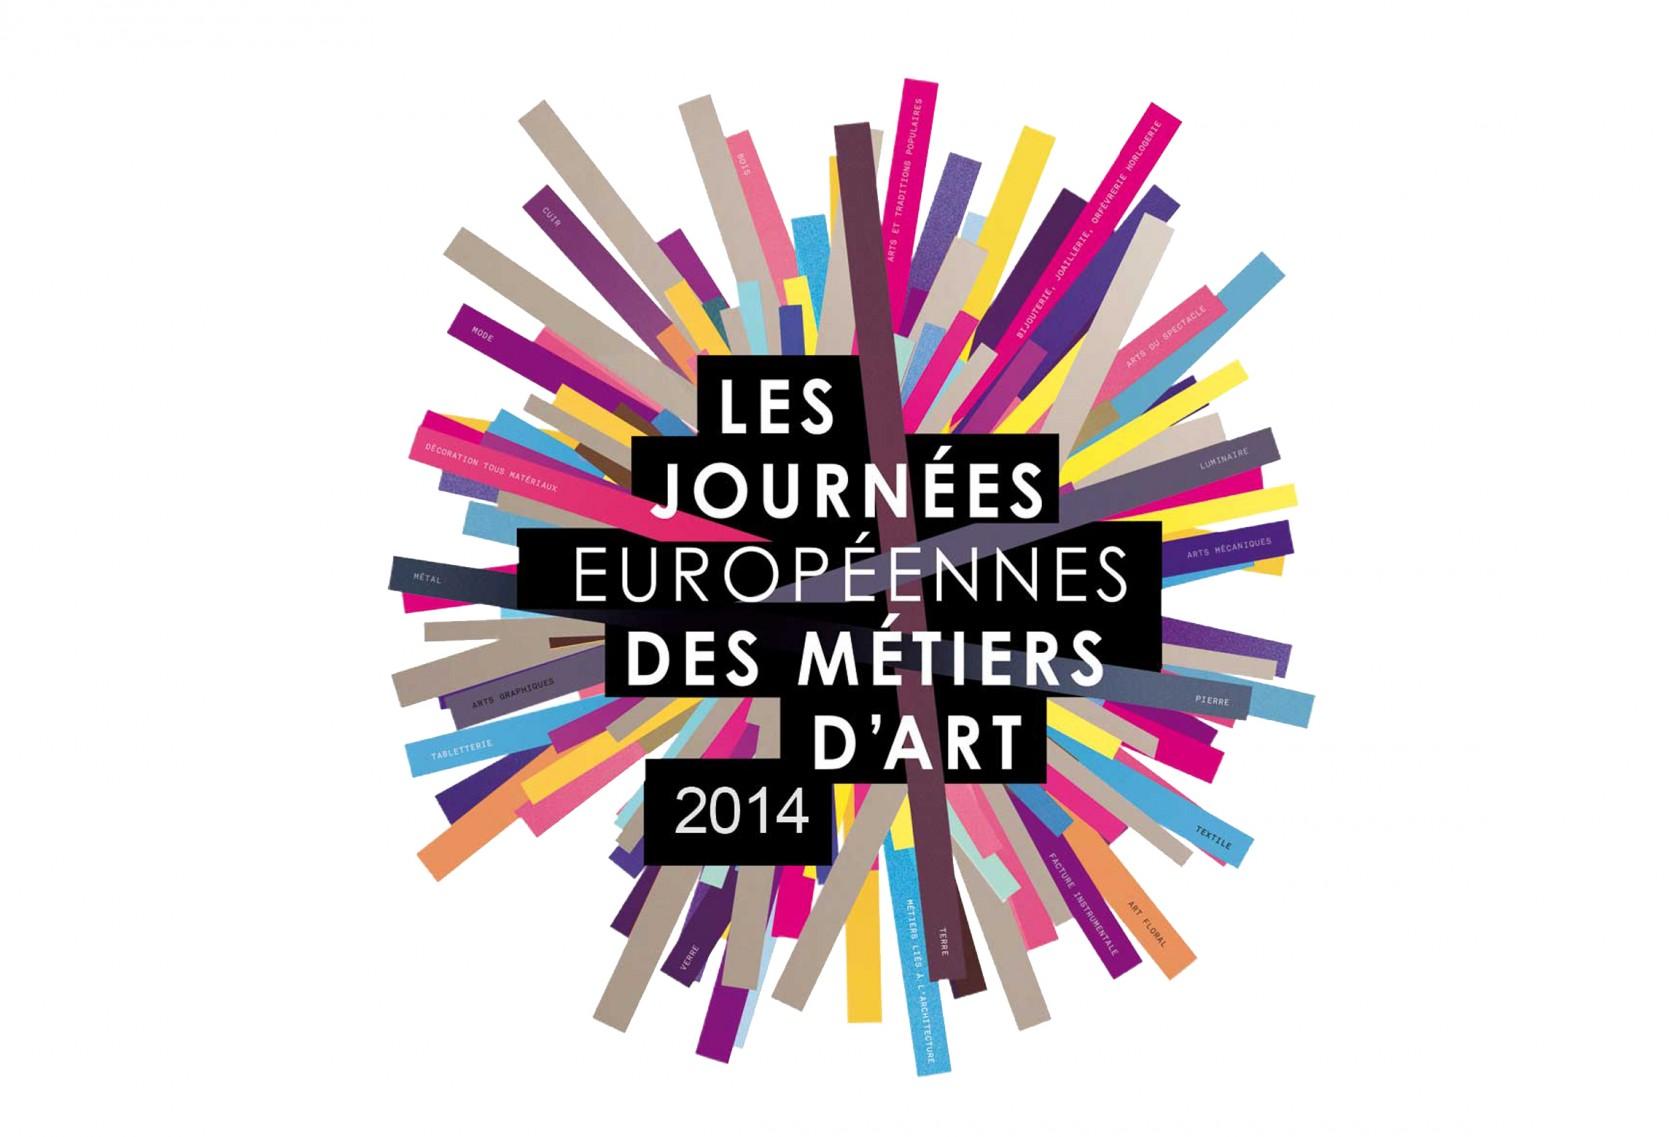 Ludovic AVENEL : ébéniste créateur Paris -  Ludovic_Avenel_news_les_journées_européennes_des_métiers_d'art_2014_ebeniste_créateur_design_sur mesure_1